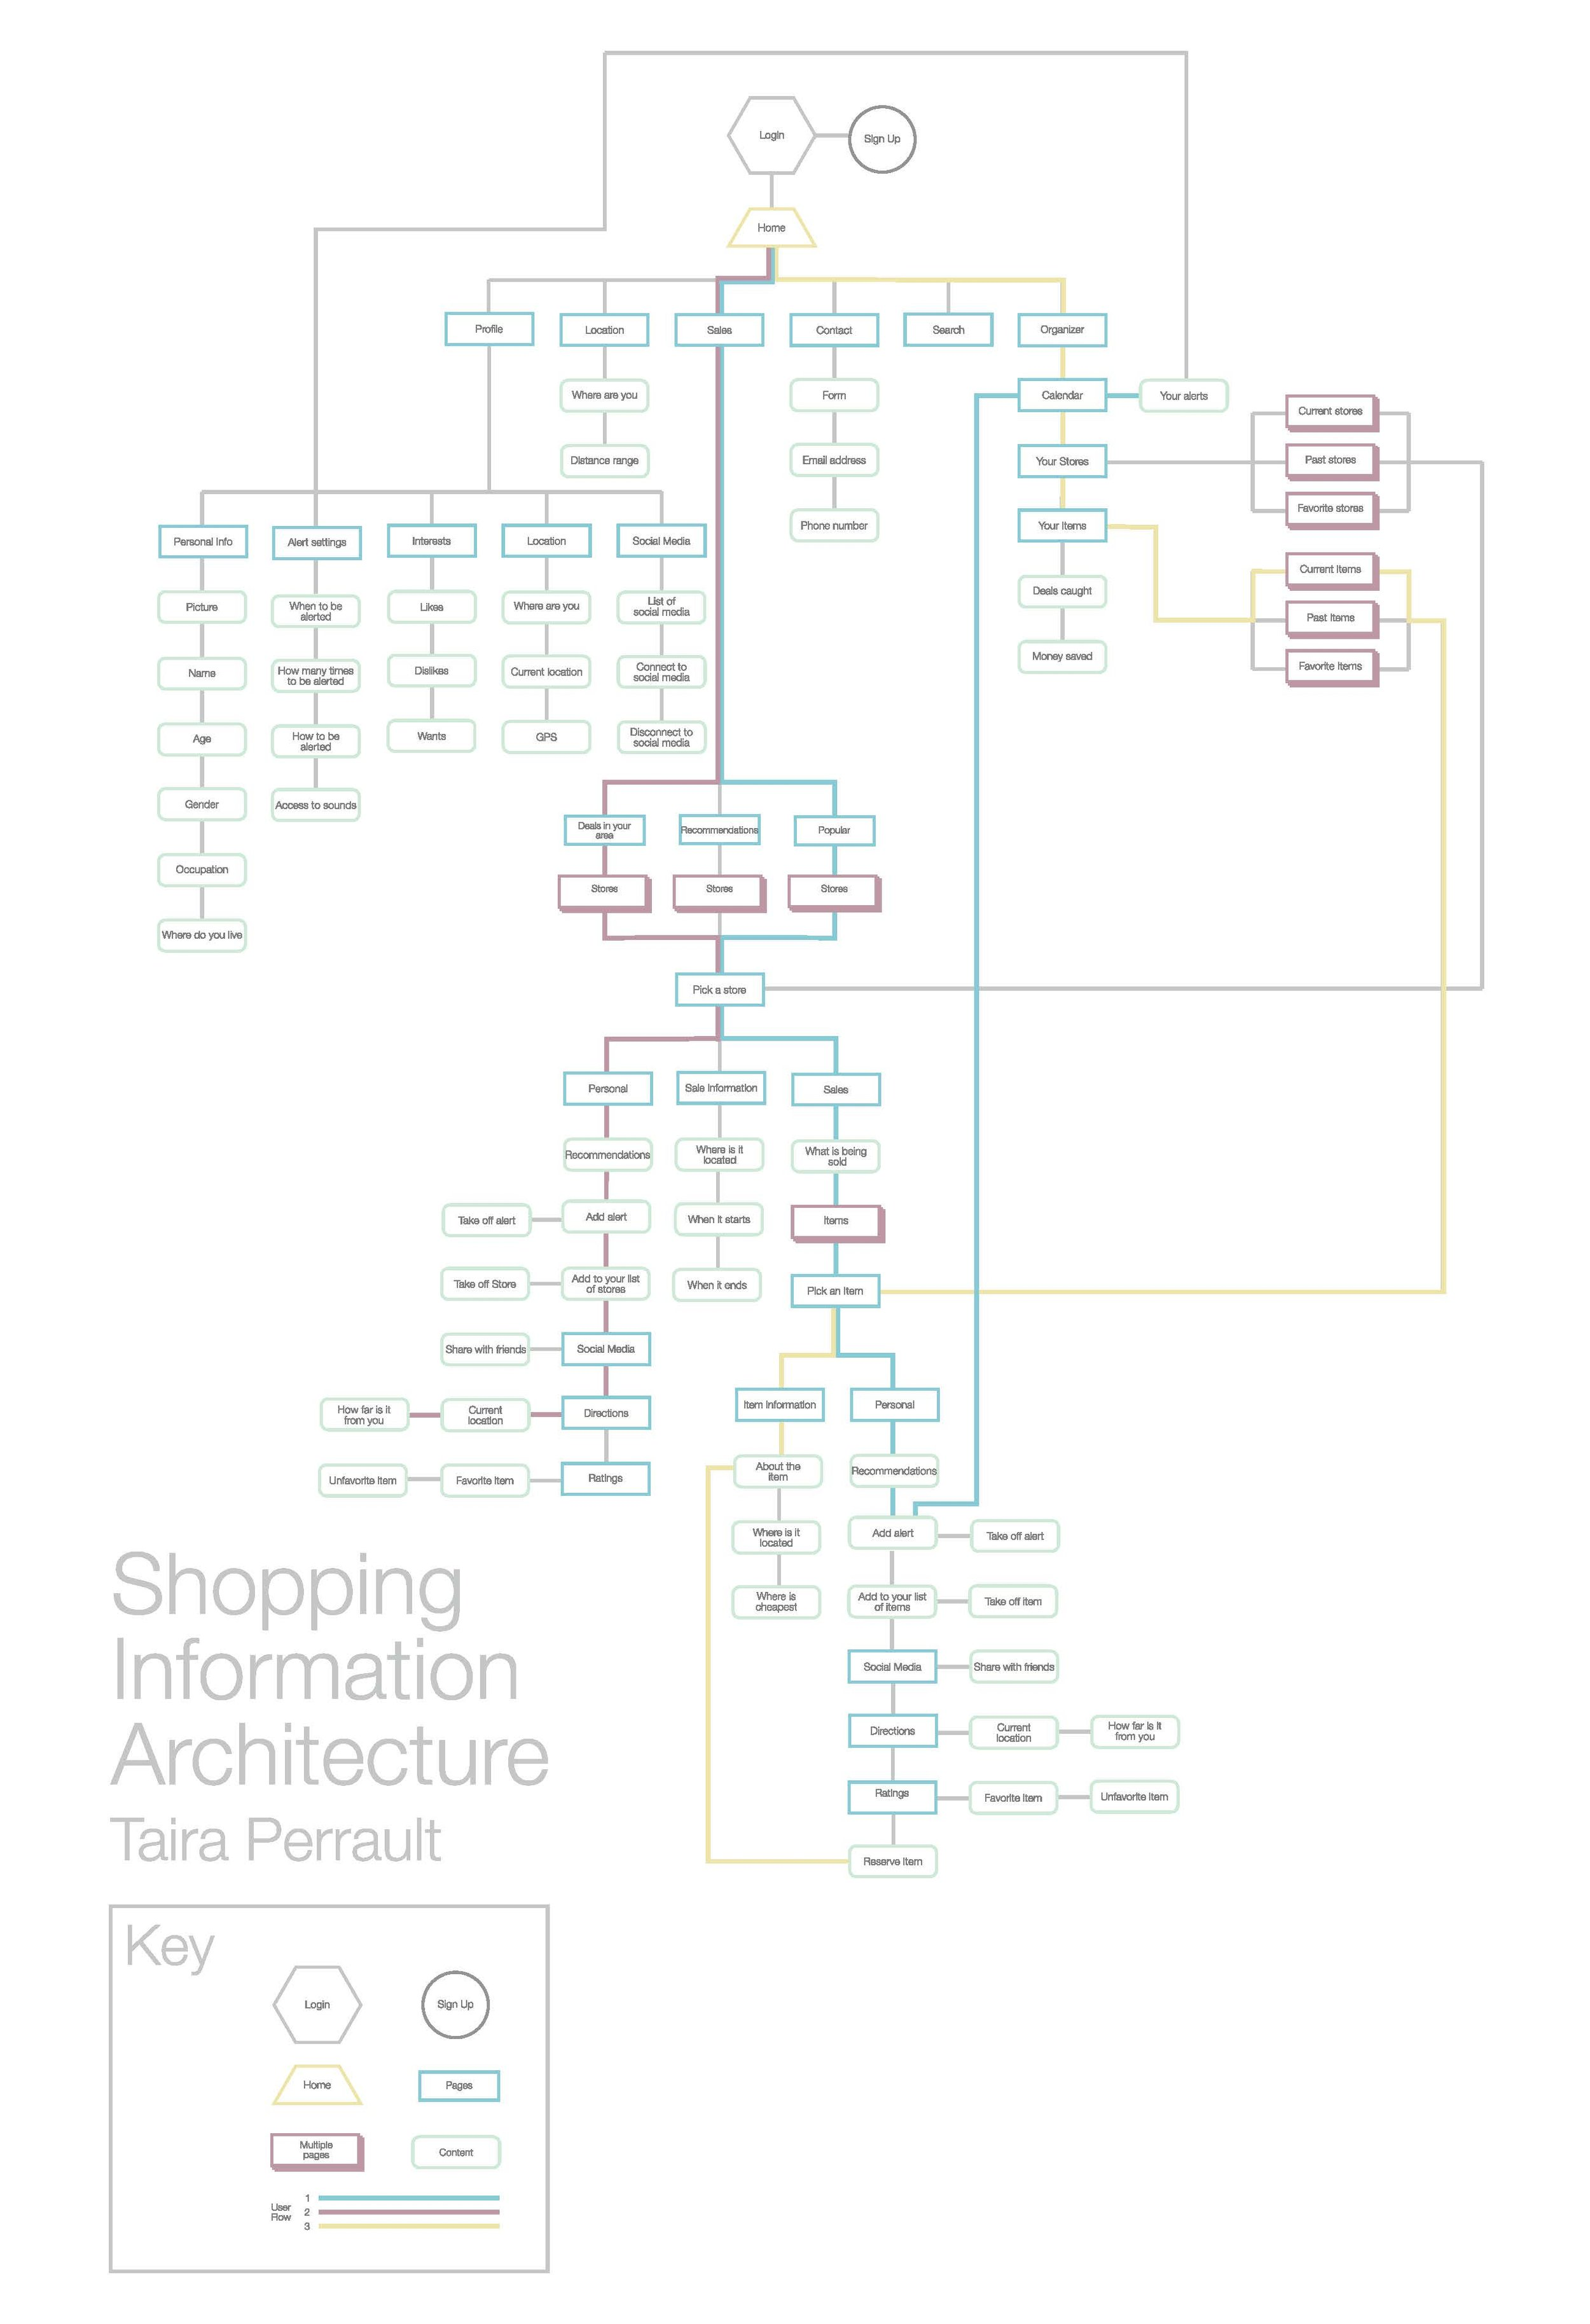 taira_perrault_P2_informationarchitecture.jpg